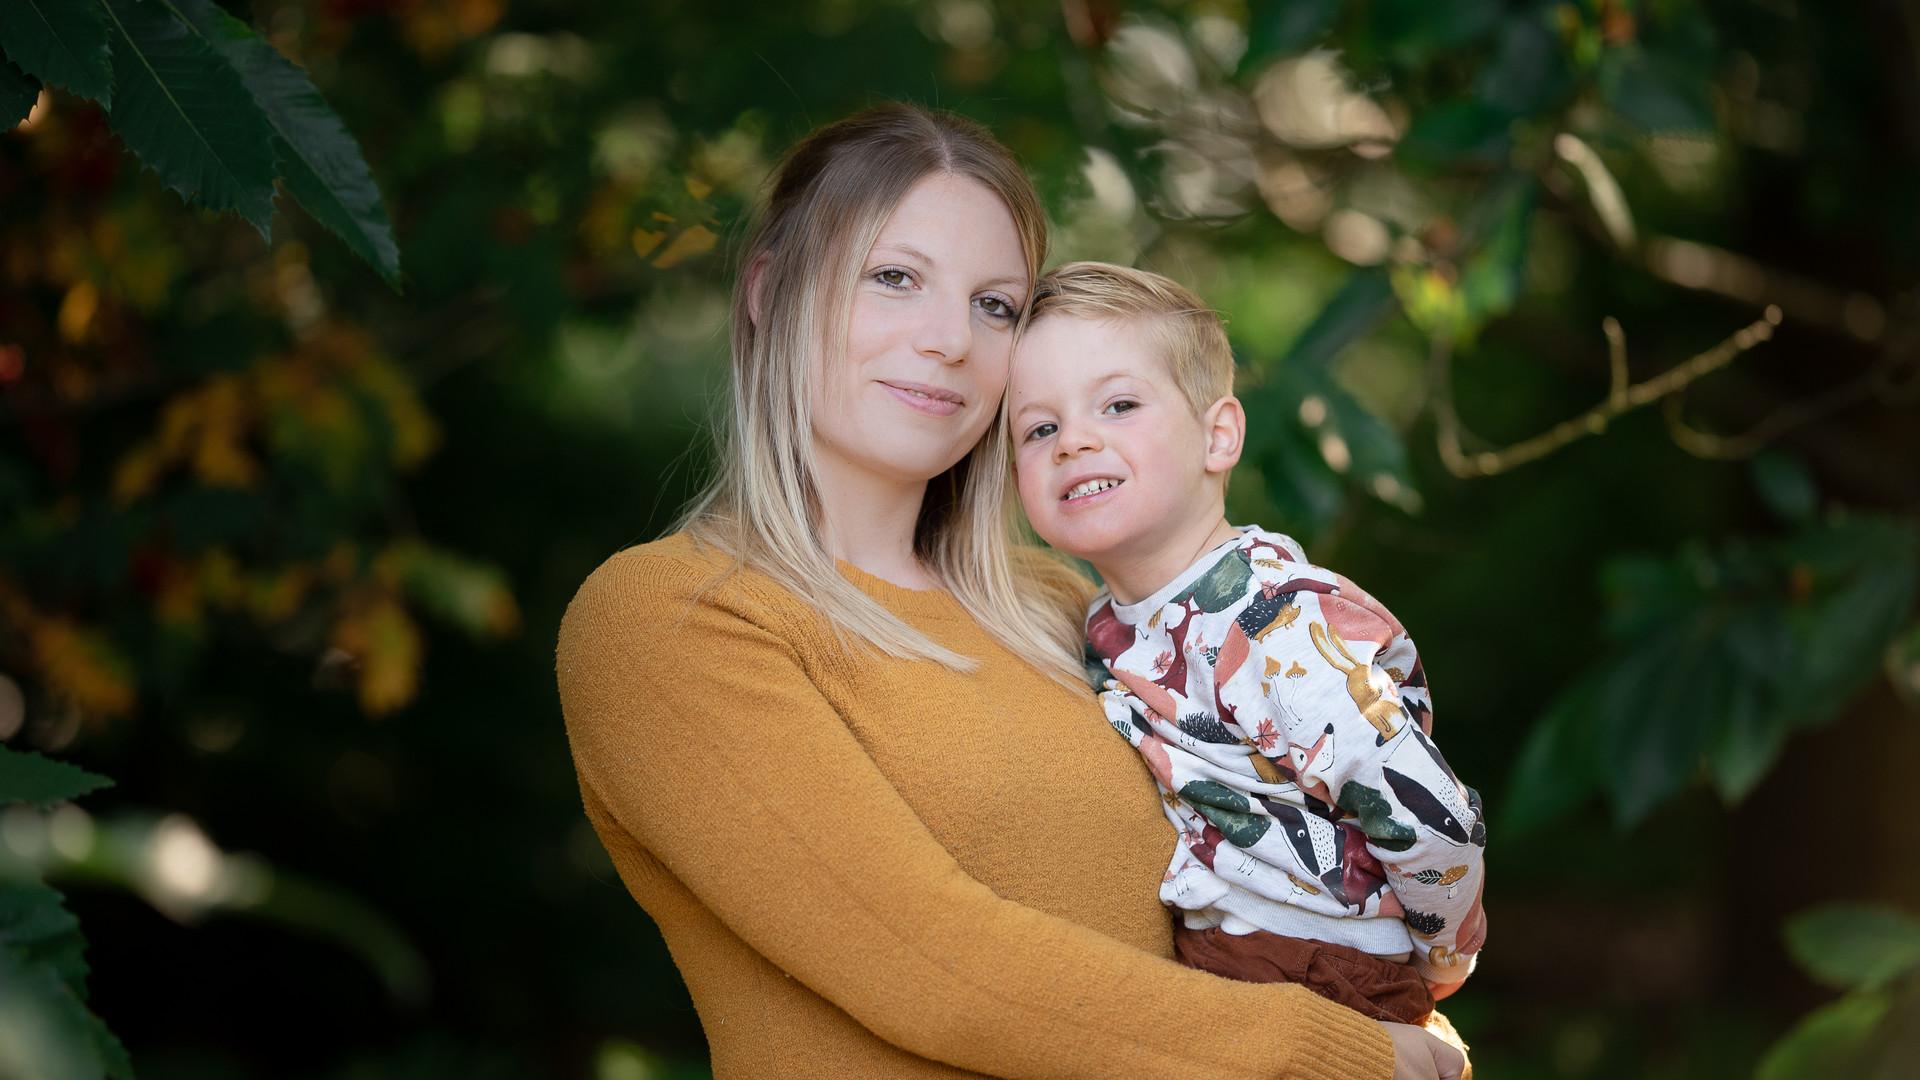 mother holding child.jpg